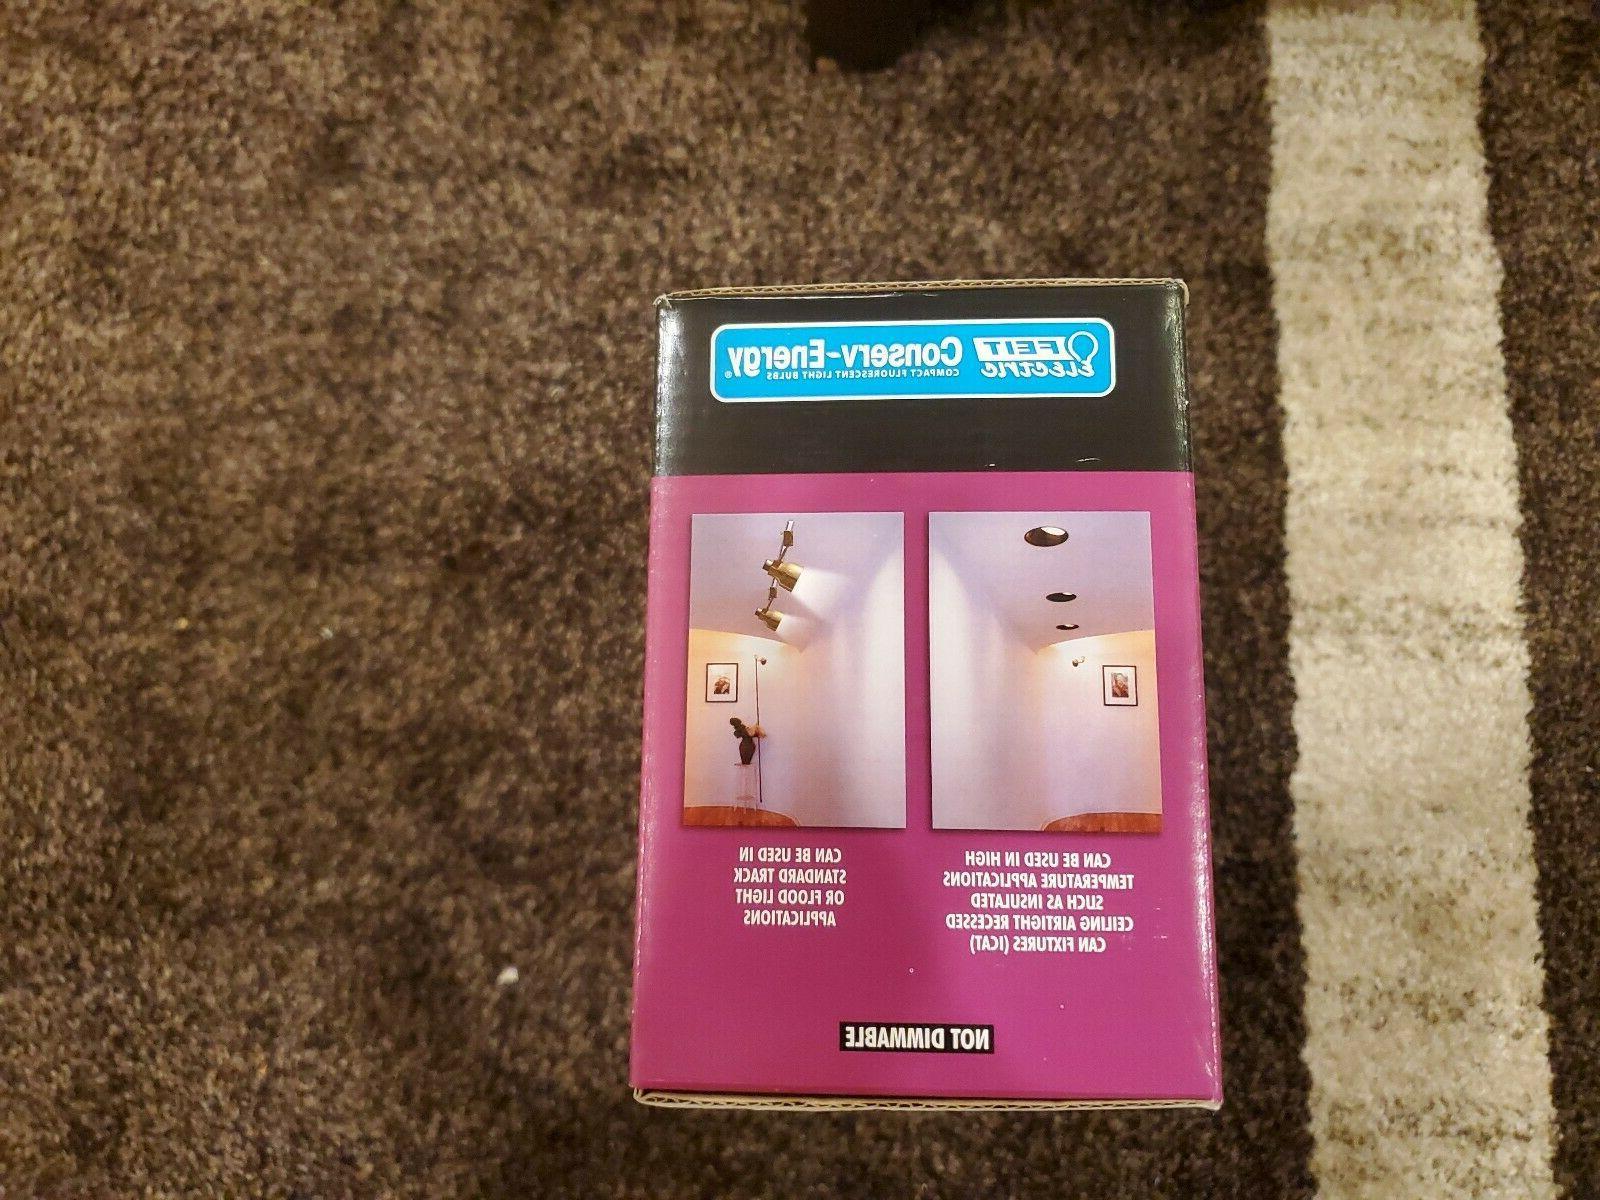 FEIT reflector light bulbs 65w 4 pack